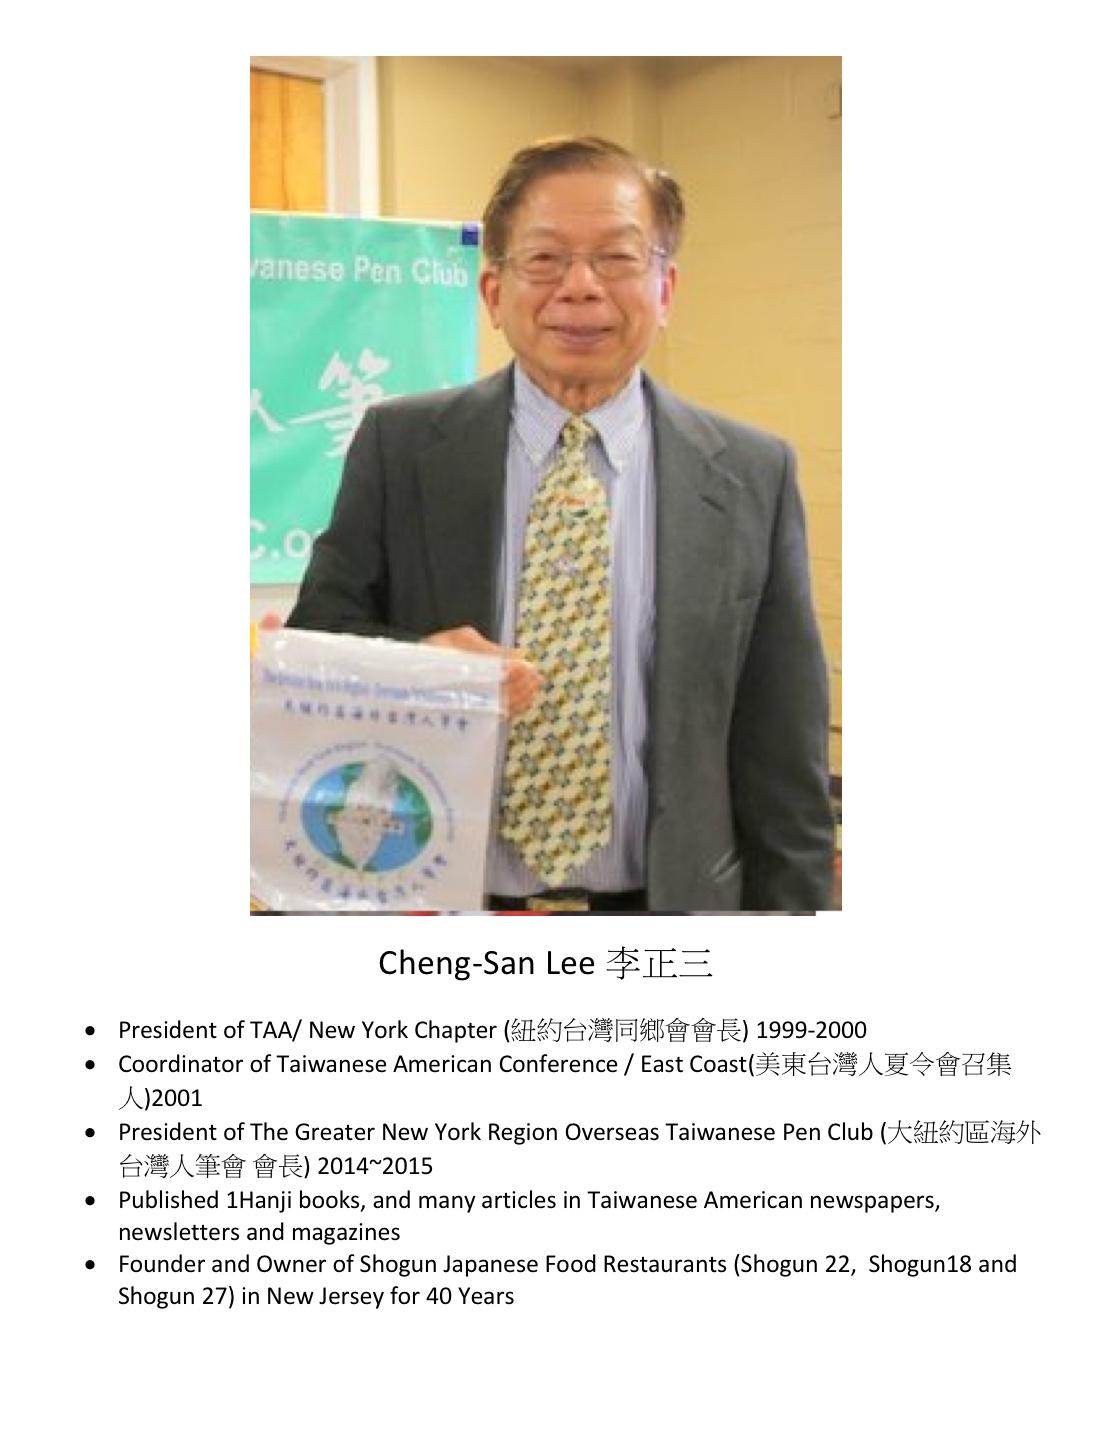 201. Cheng-San Lee 李正三